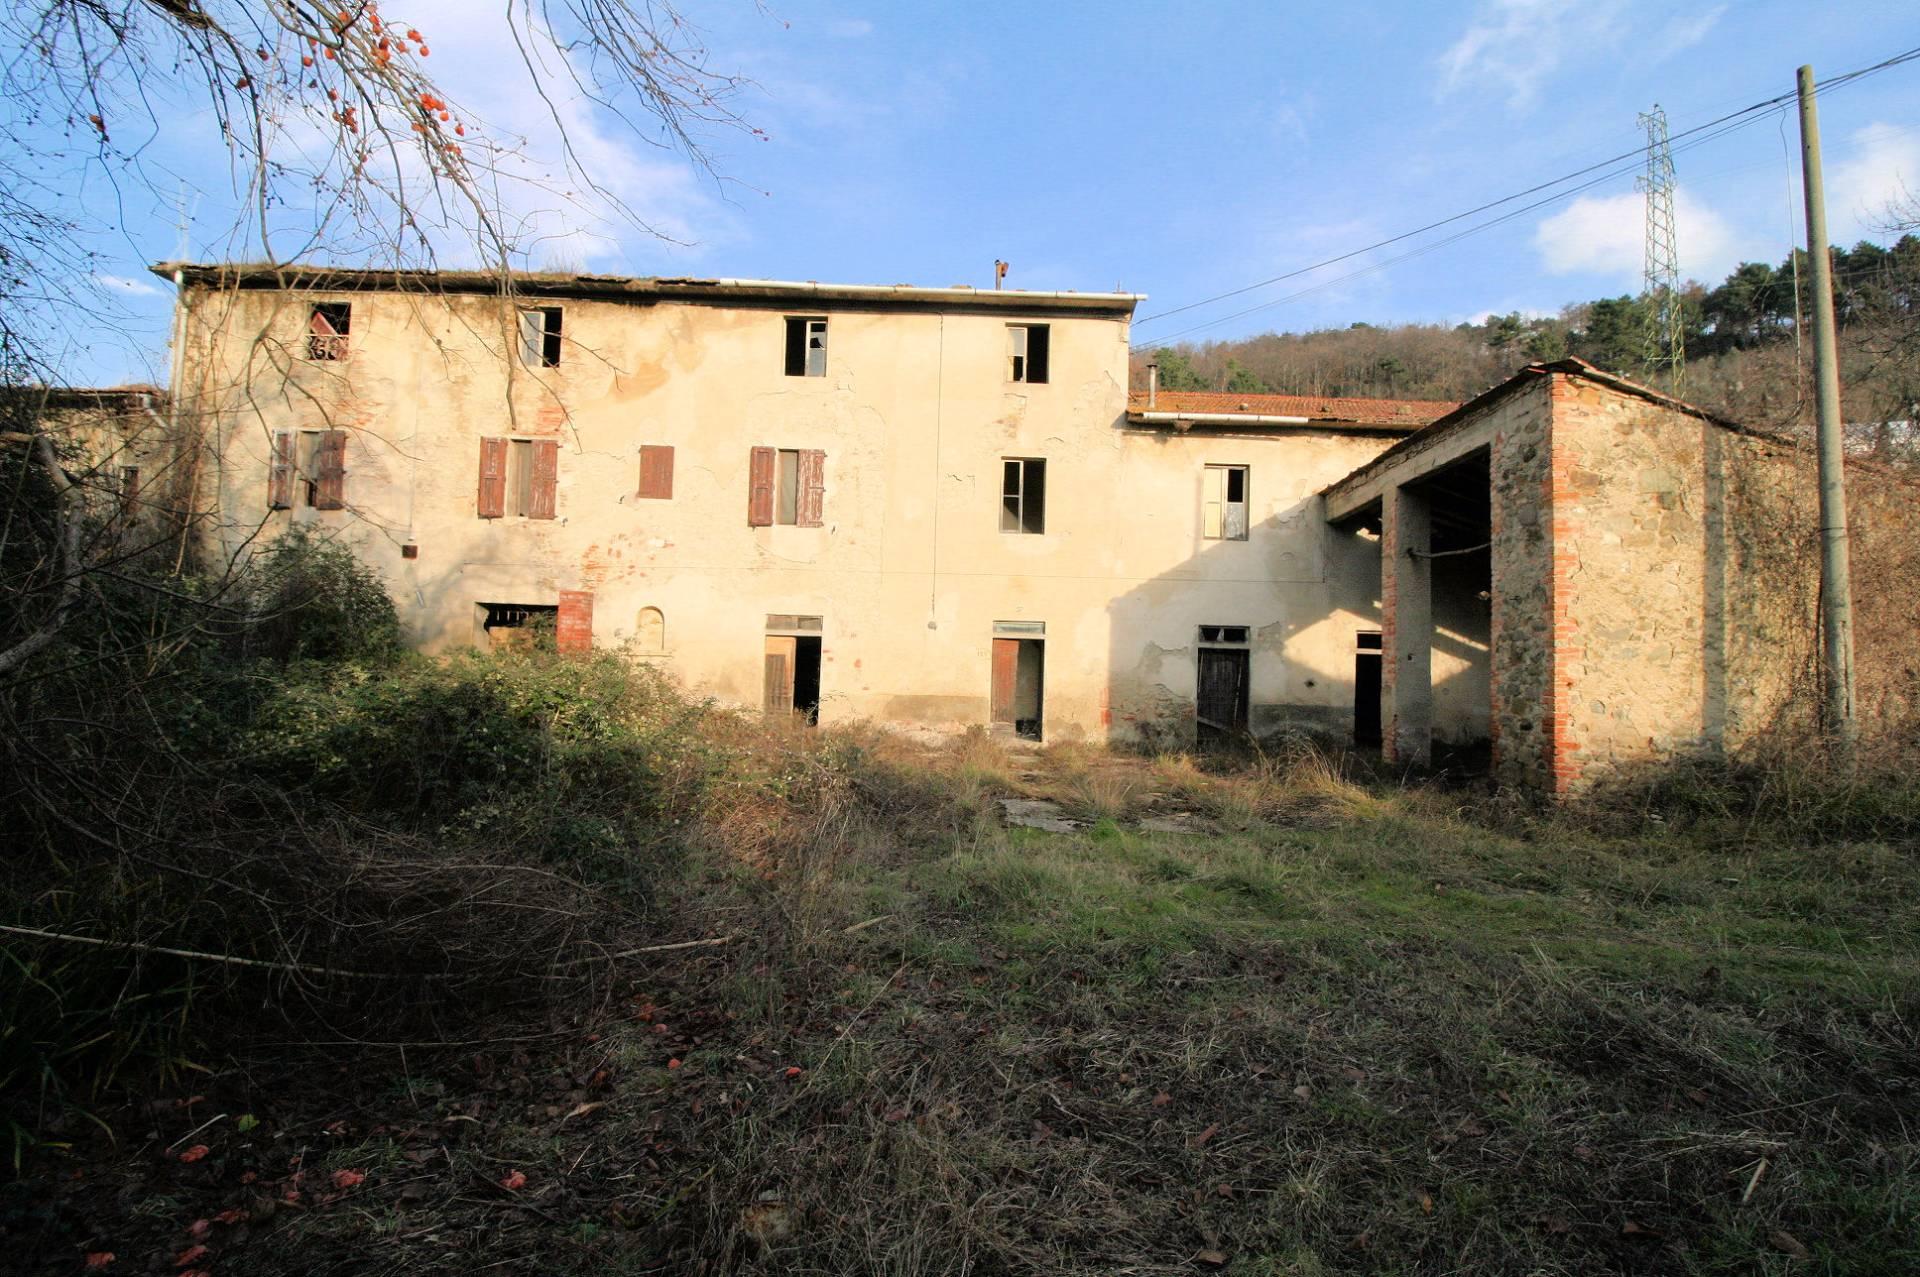 Rustico / Casale in vendita a Pistoia, 34 locali, Trattative riservate   Cambio Casa.it